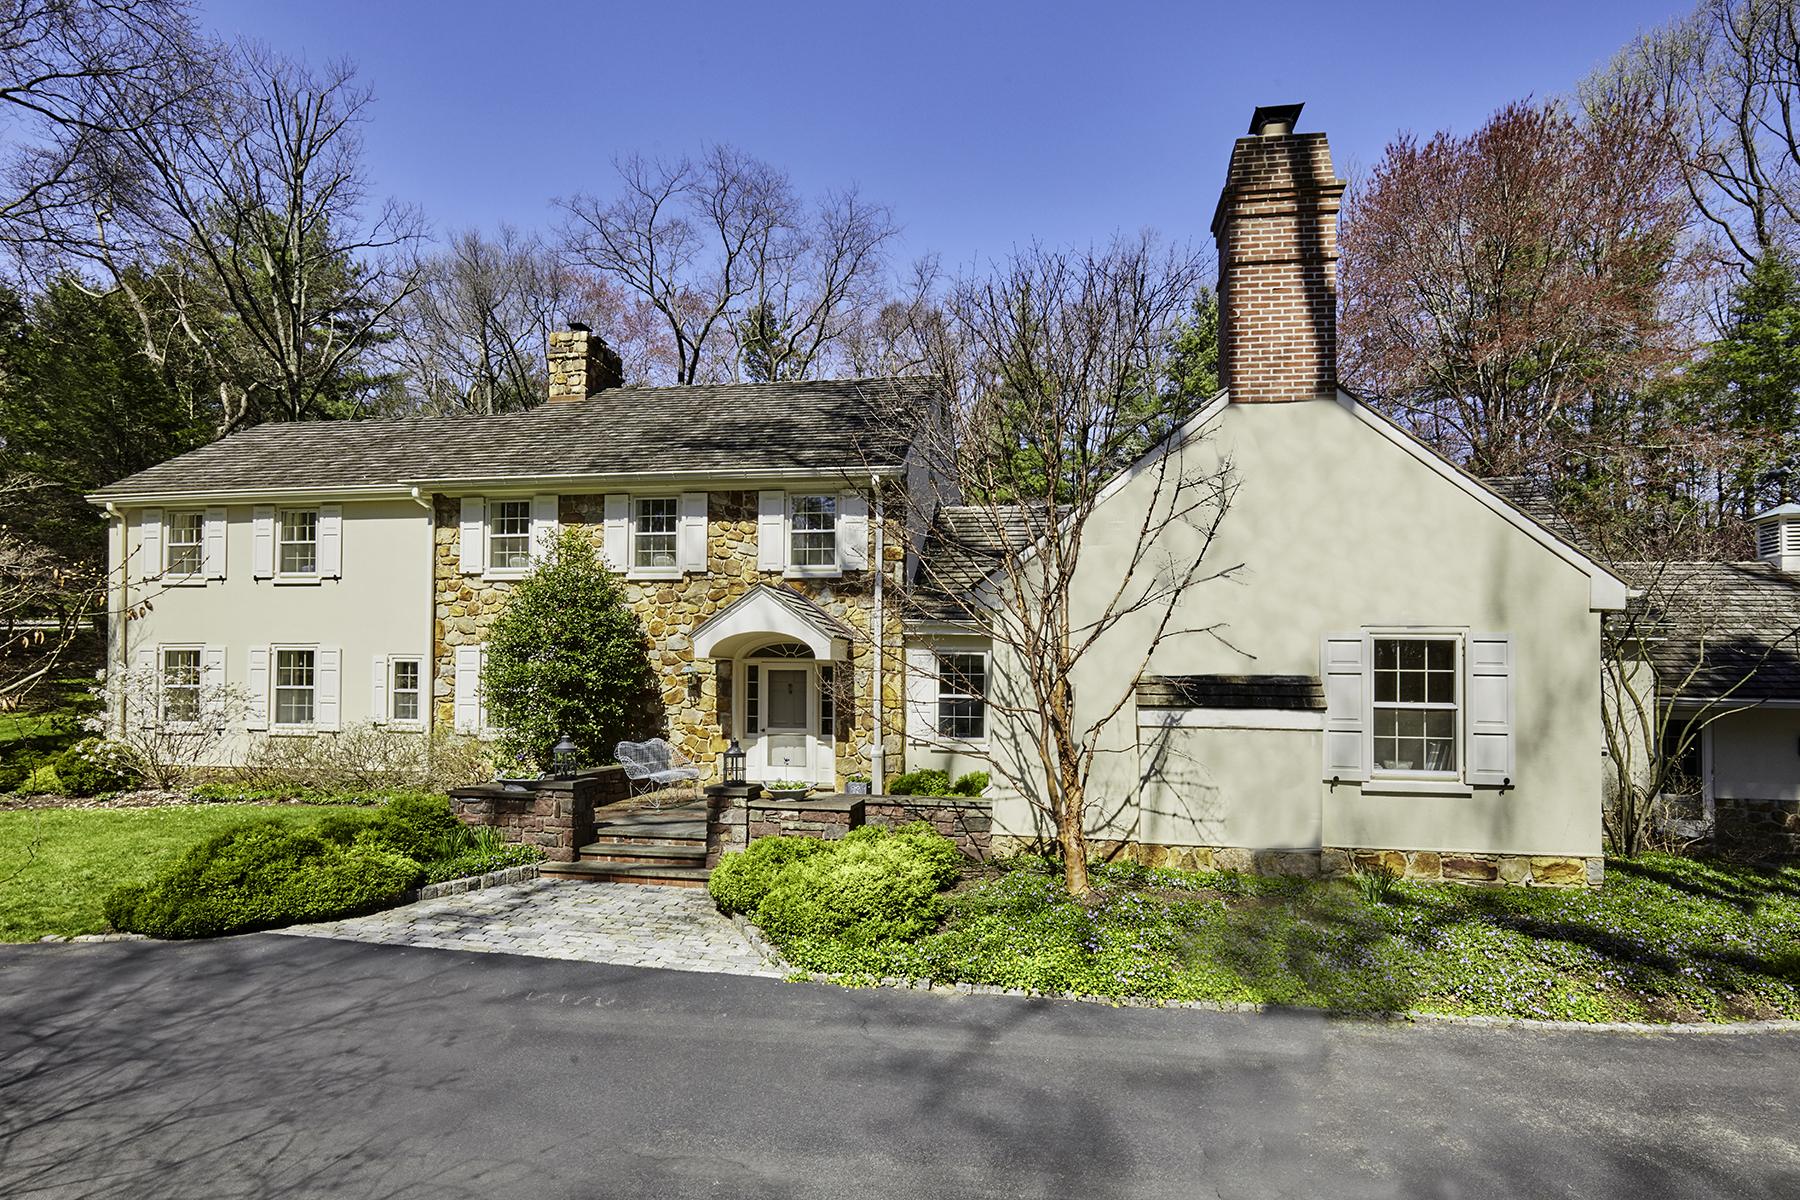 Частный односемейный дом для того Продажа на Gladwyne Gem 1431 Beaumont Drive Gladwyne, Пенсильвания, 19035 Соединенные Штаты